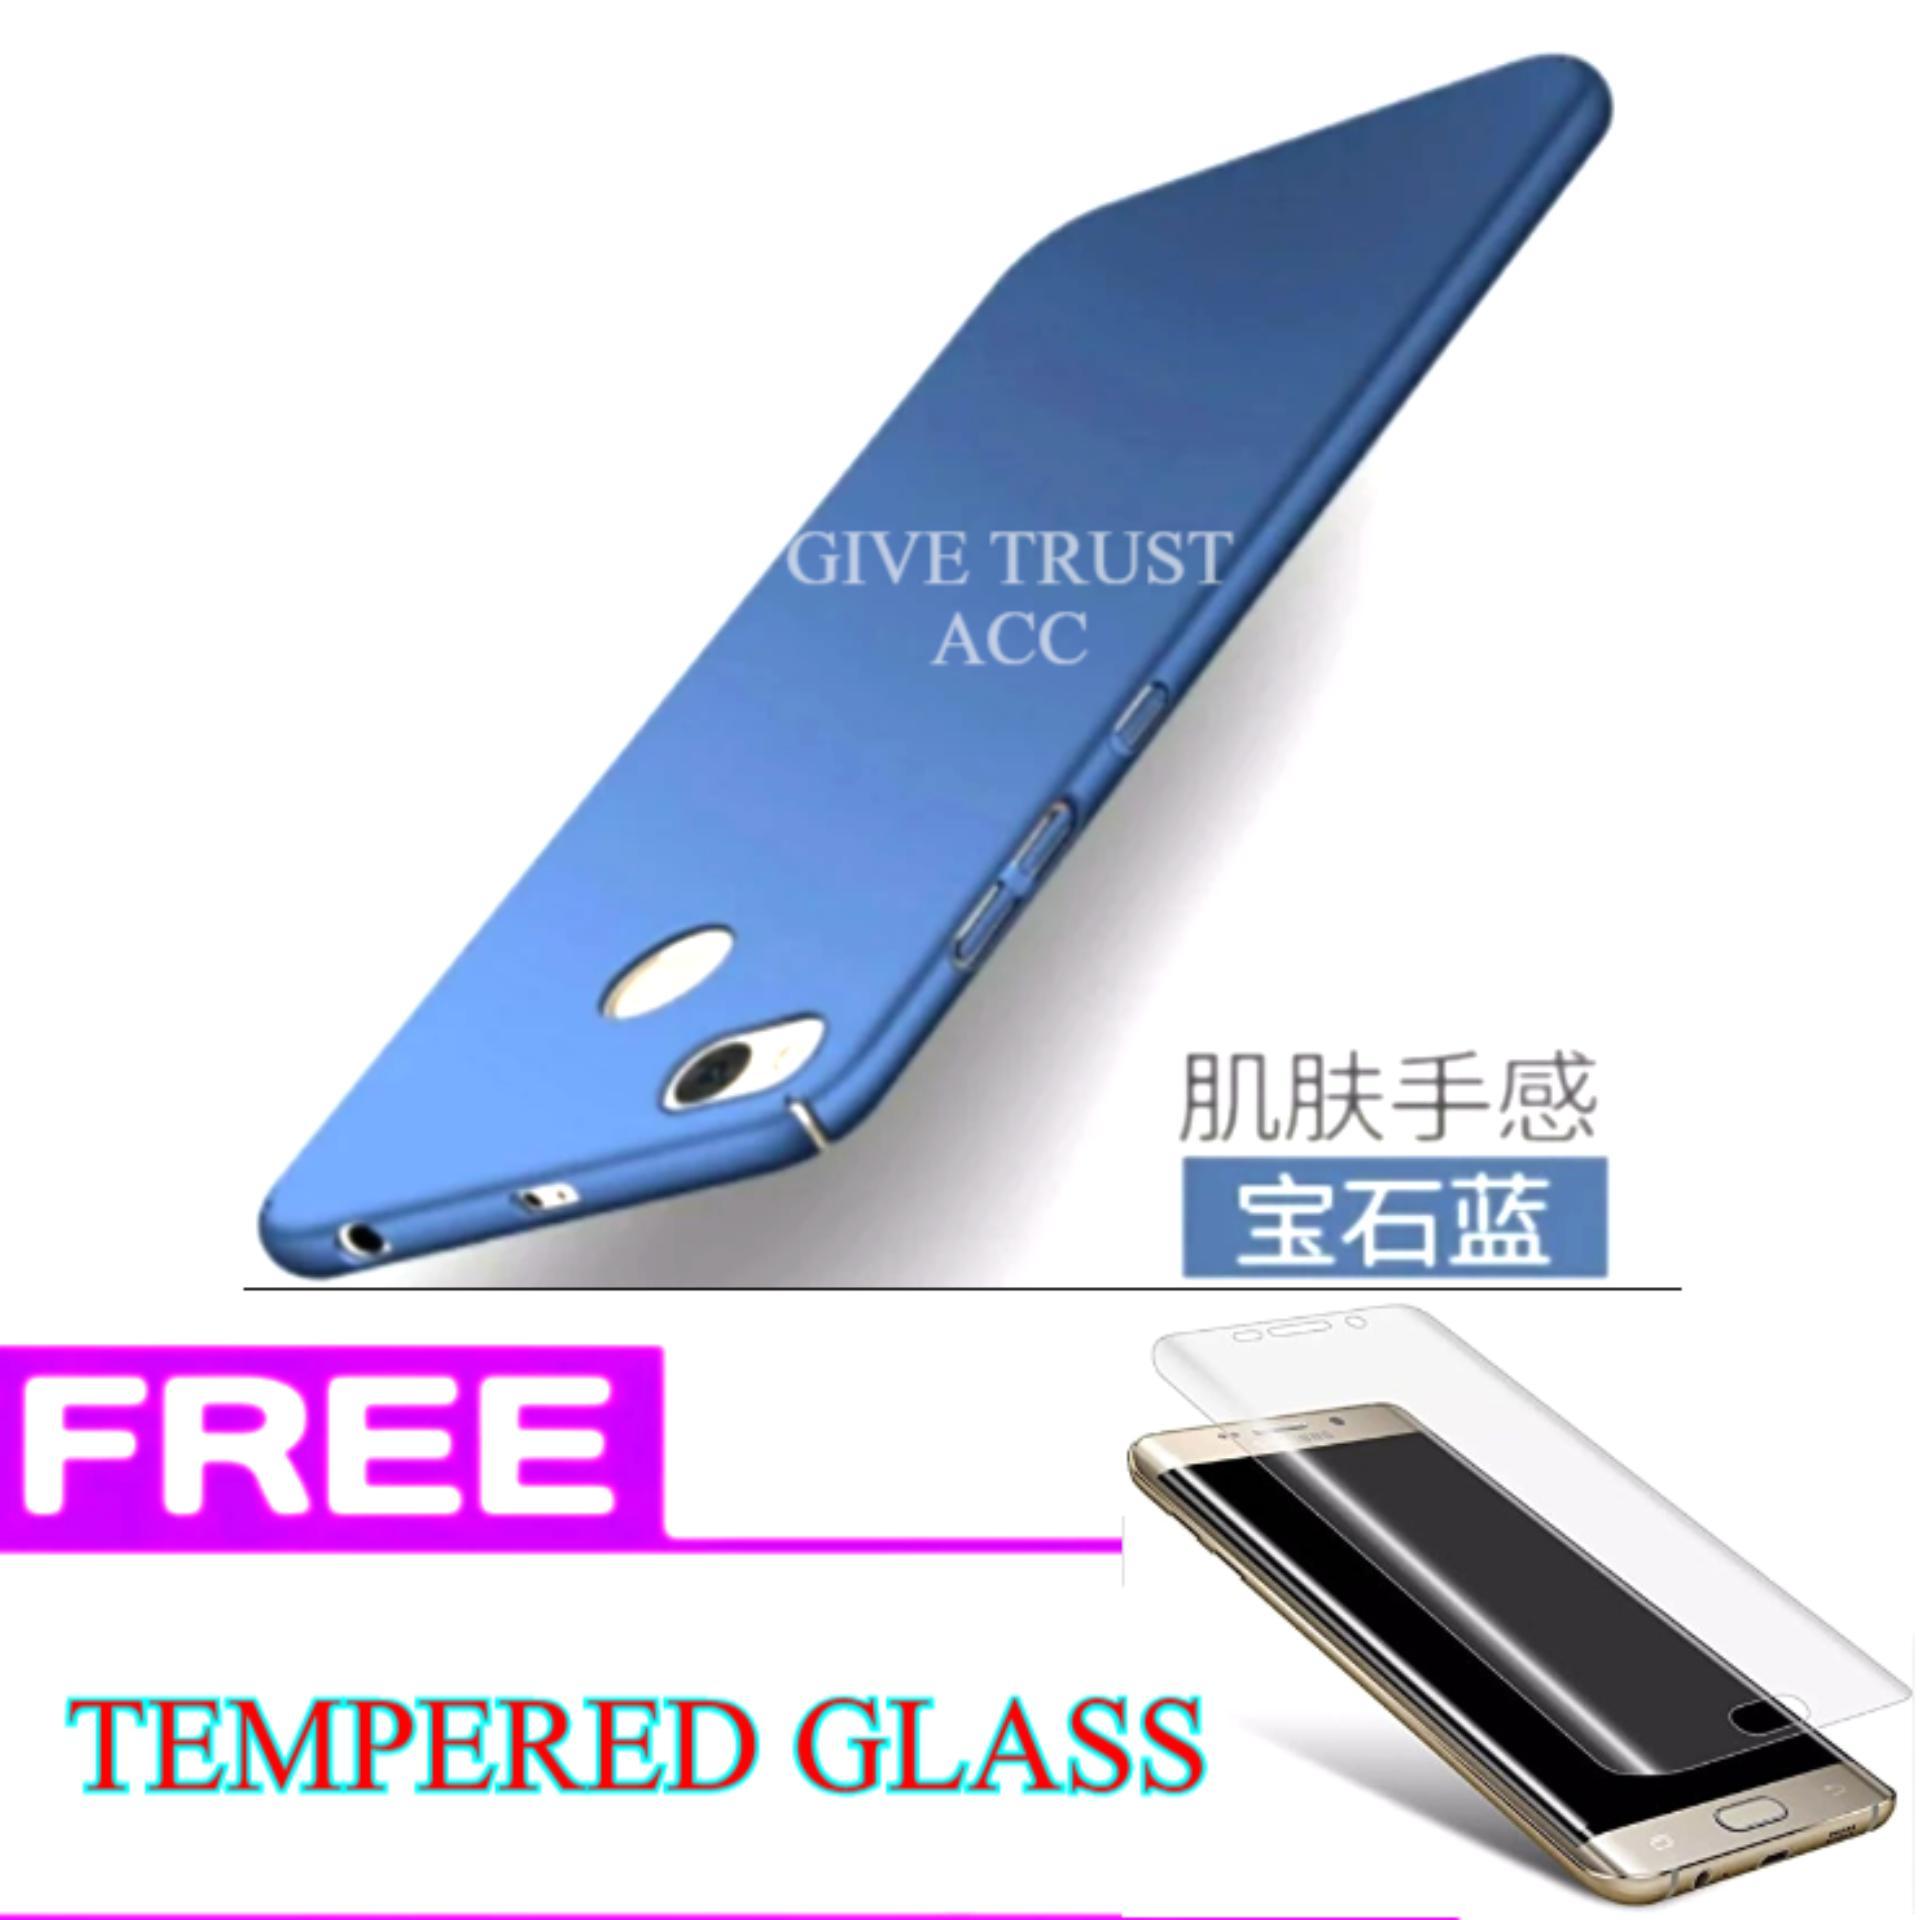 Delkin Hard Case for Xiaomi Redmi 4X + Free Tempered Glass .